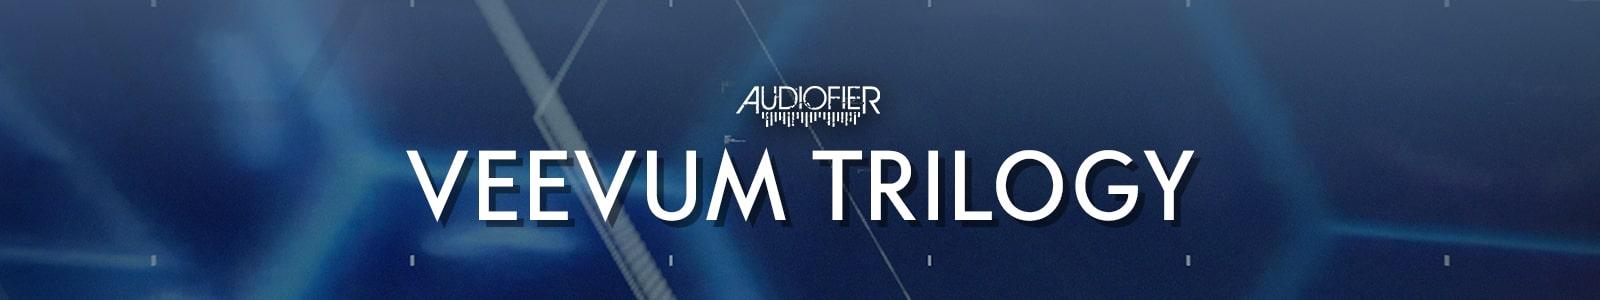 veevum trilogy